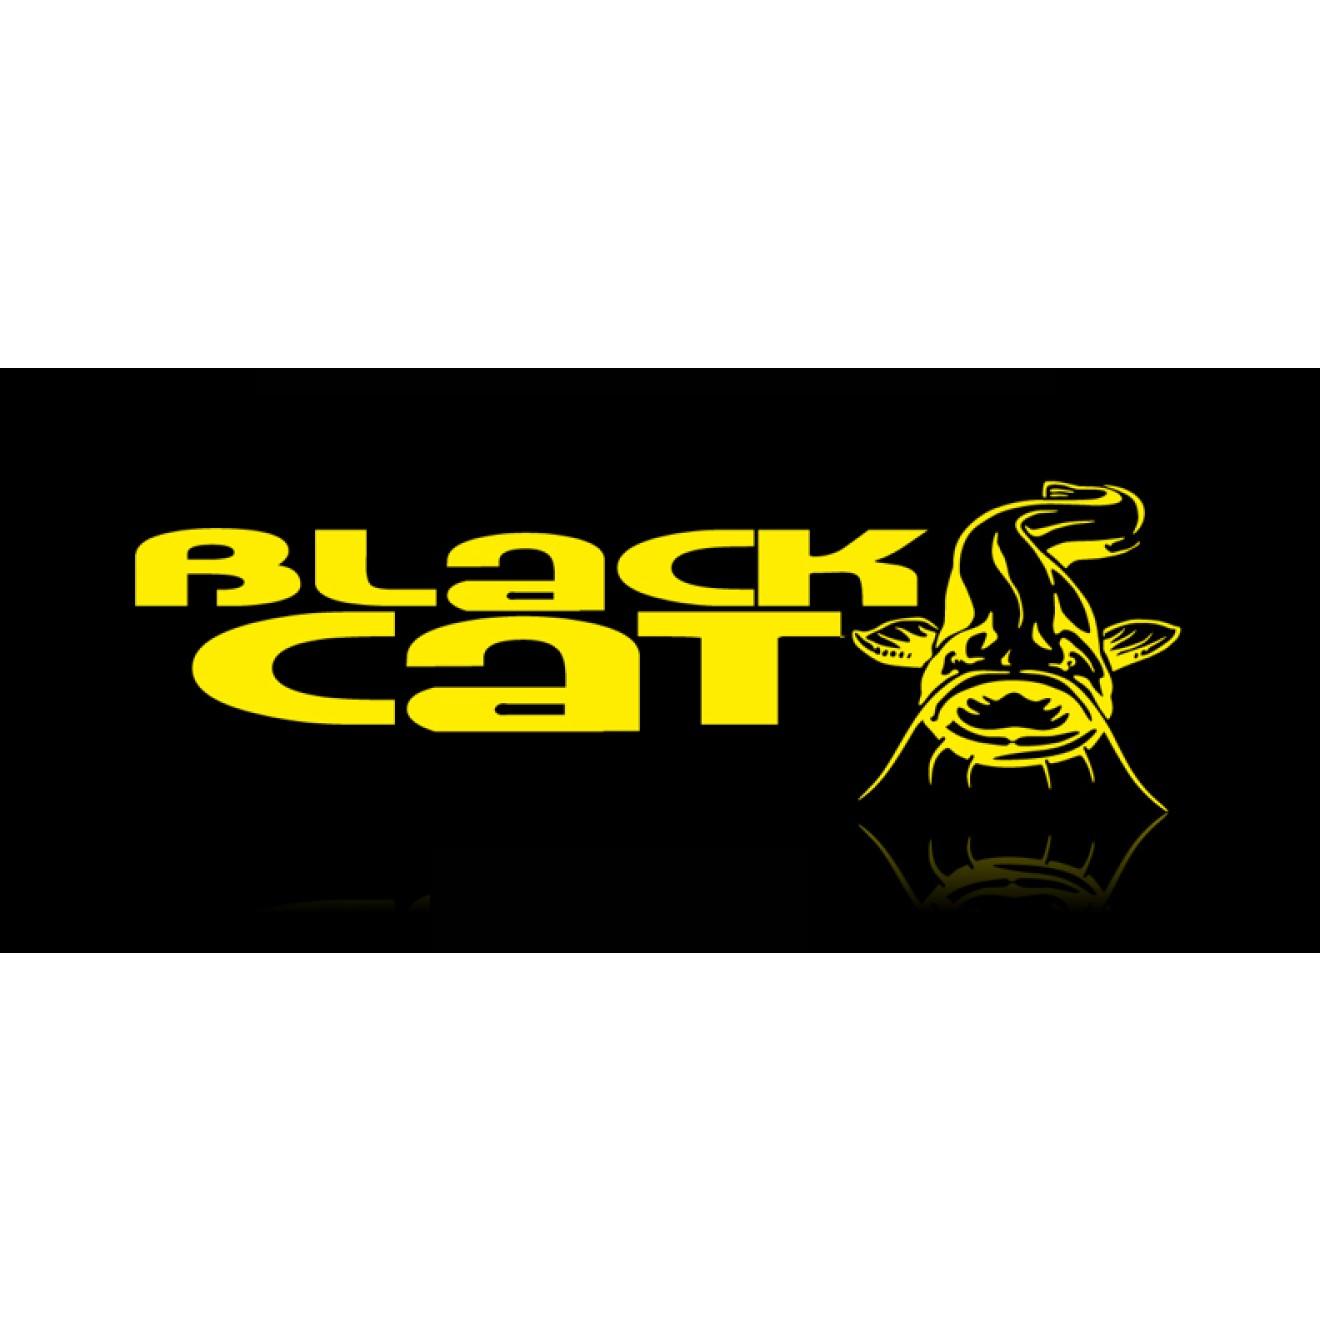 Black Cat Wild Catz